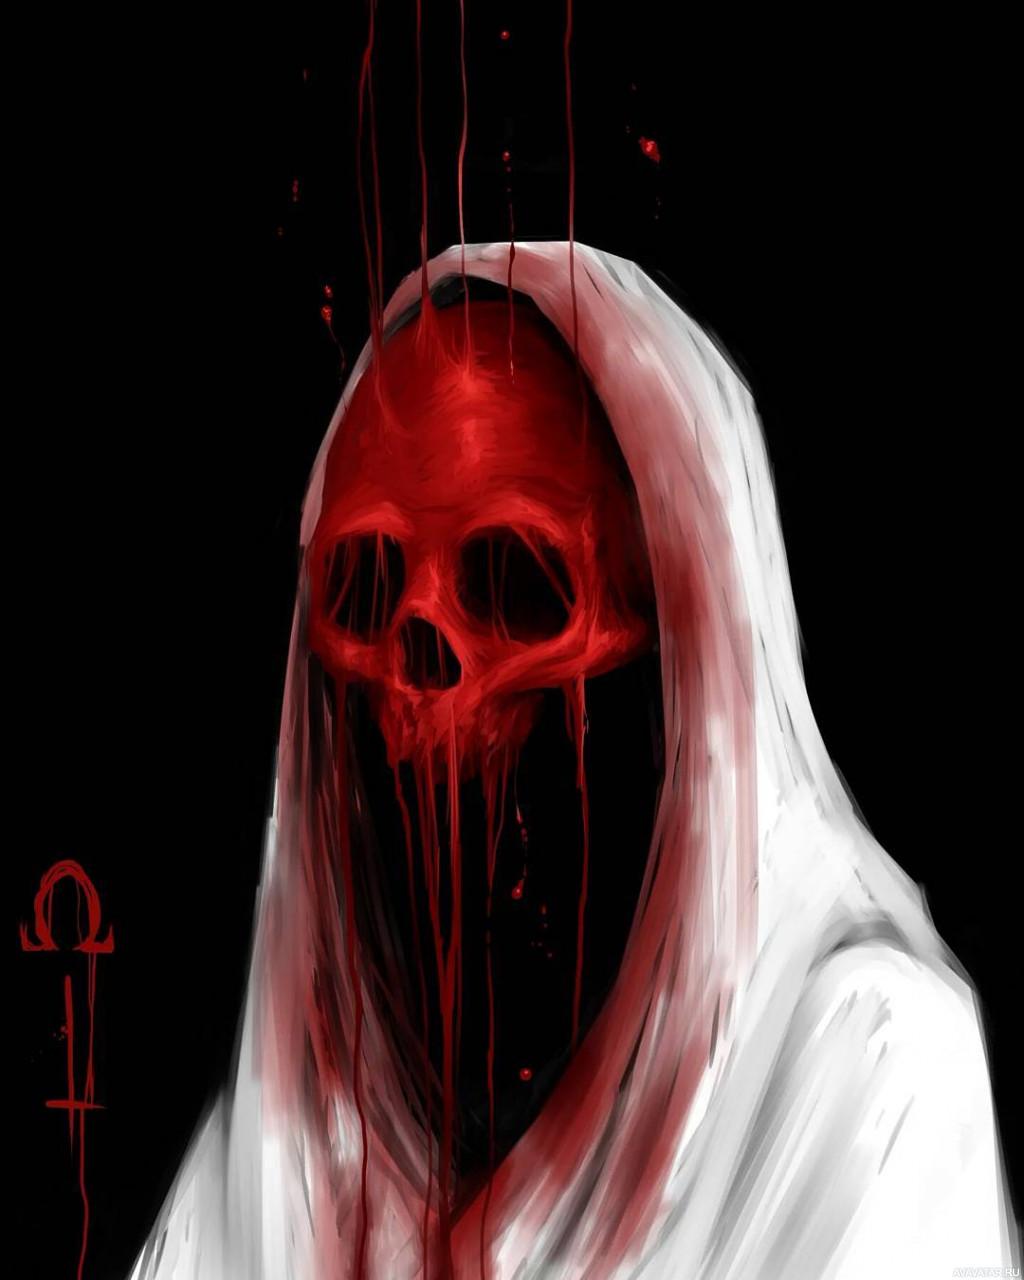 Страшные картинки смерти людей